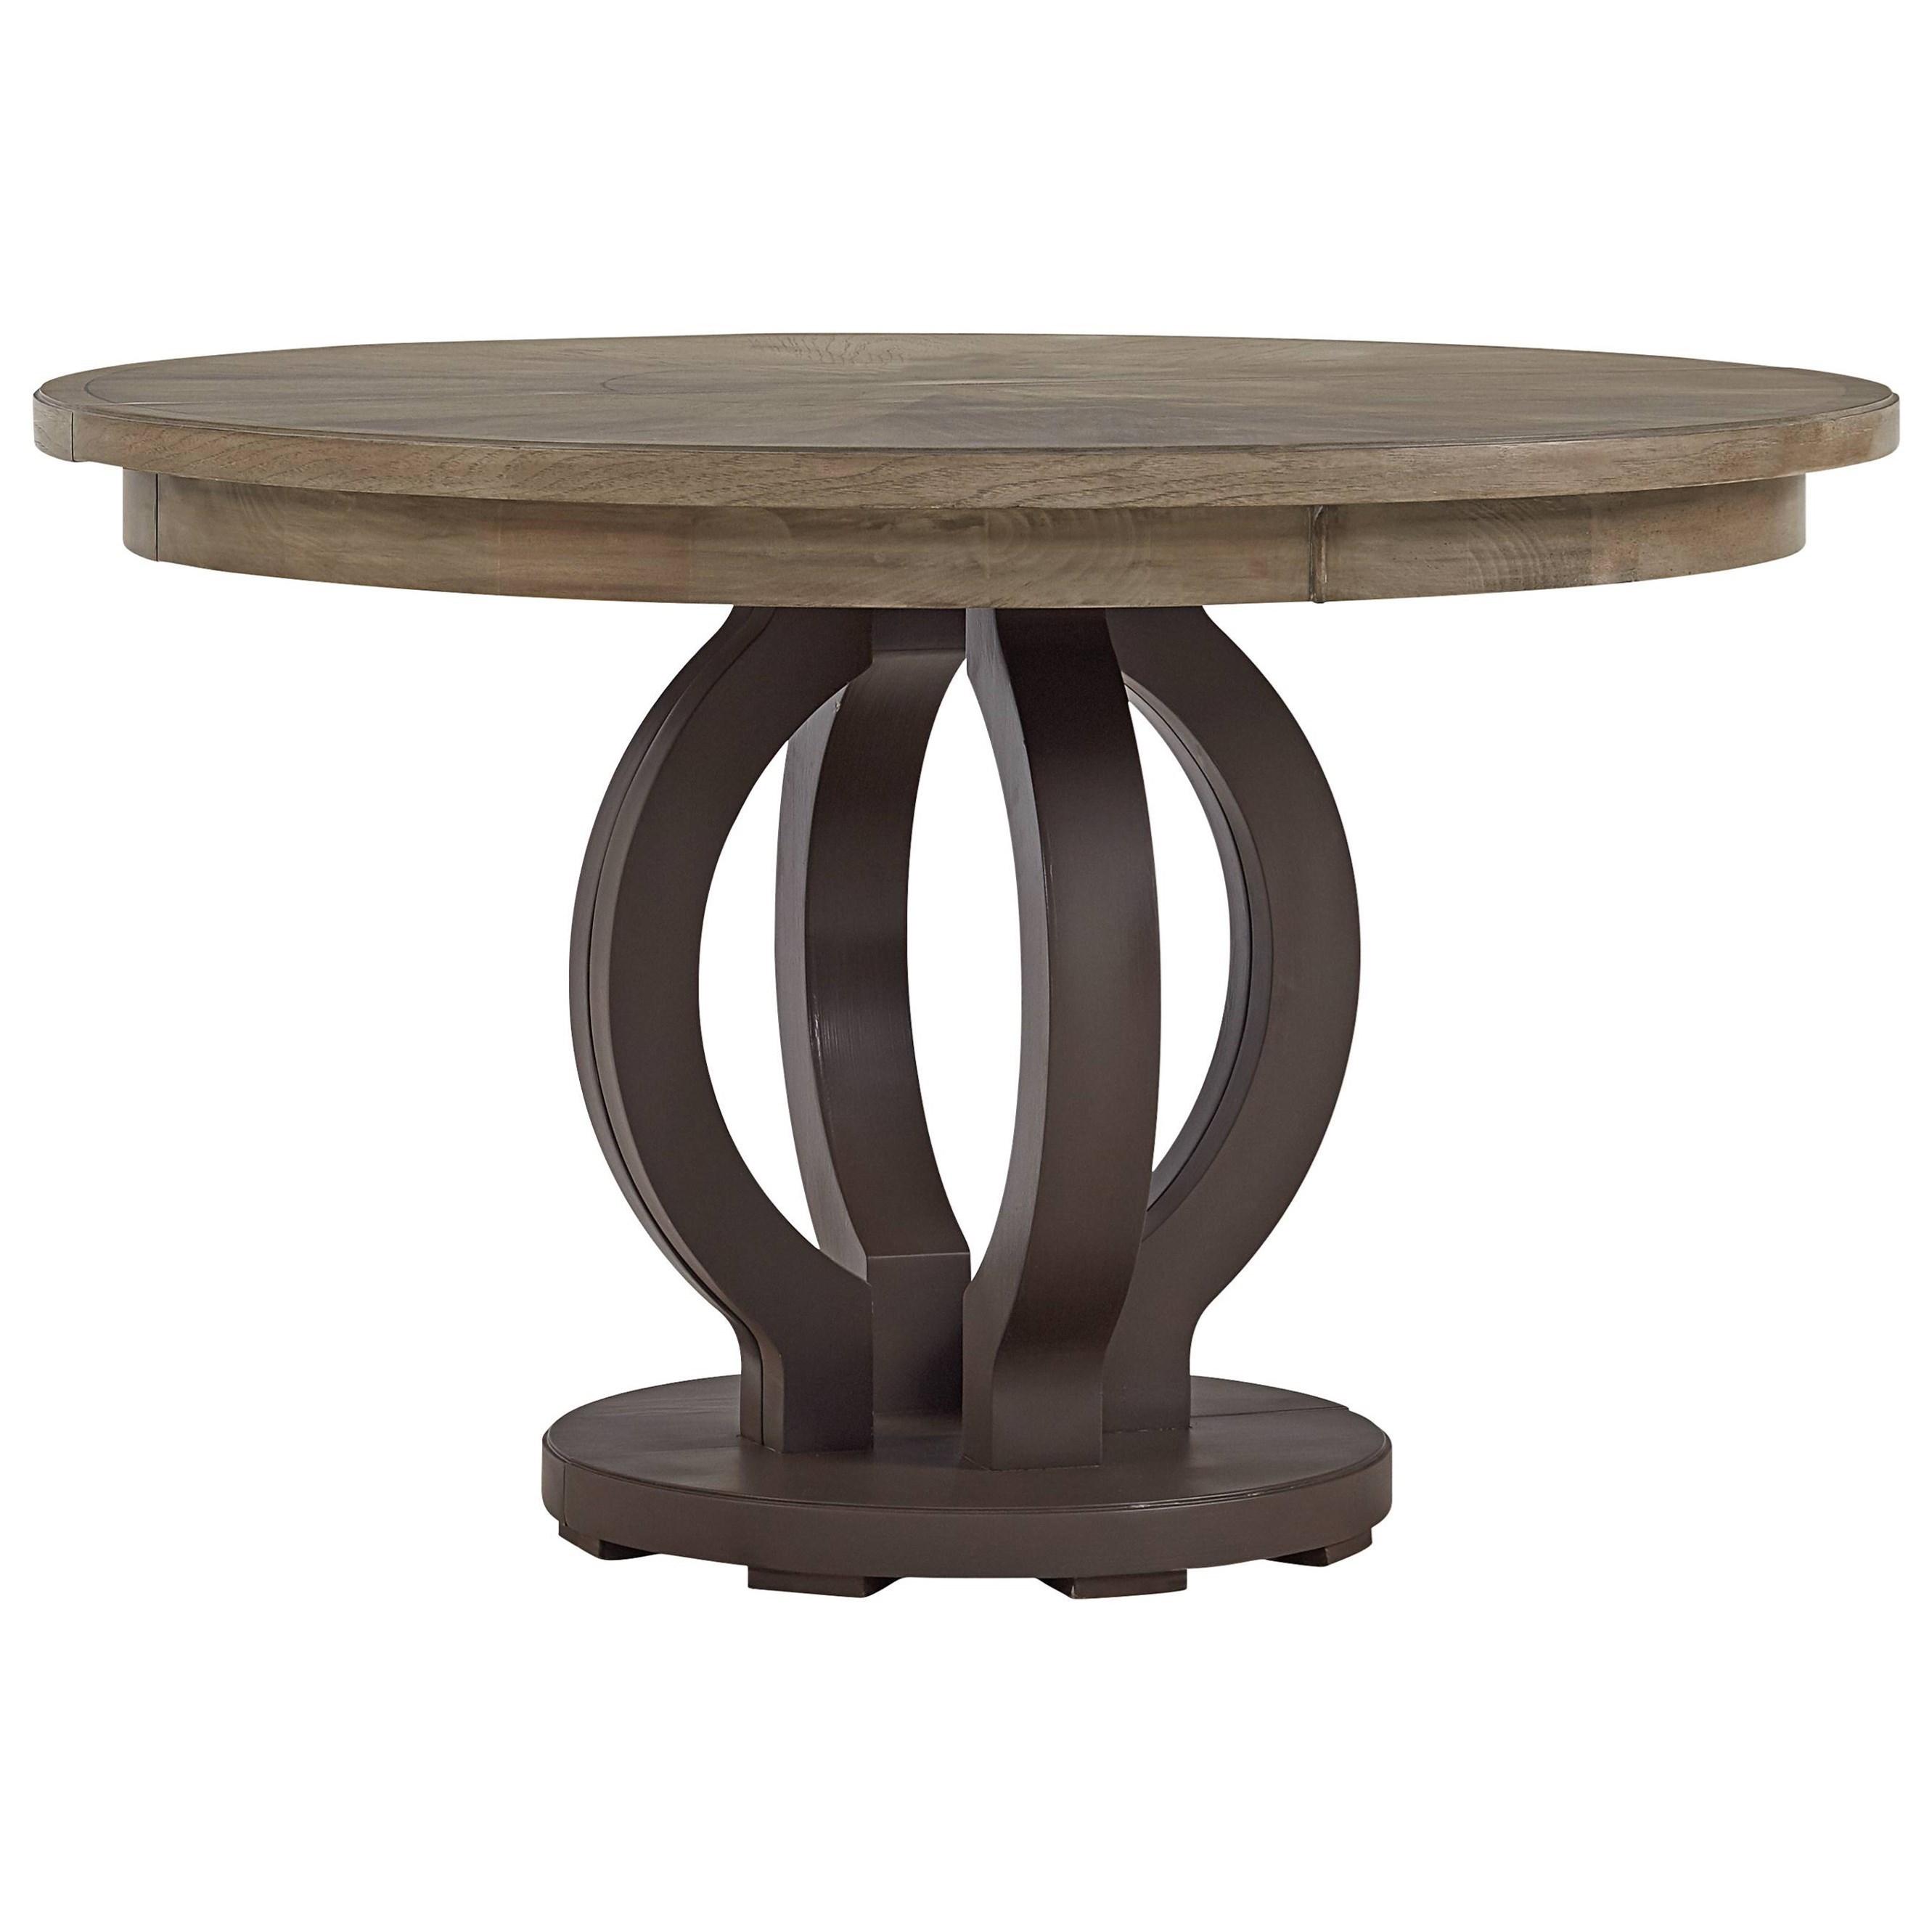 ... Stanley Furniture Virage5-Piece Round Dining Table Set ...  sc 1 st  Baer\u0027s Furniture & Stanley Furniture Virage 5-Piece Round Dining Table Set   Baer\u0027s ...